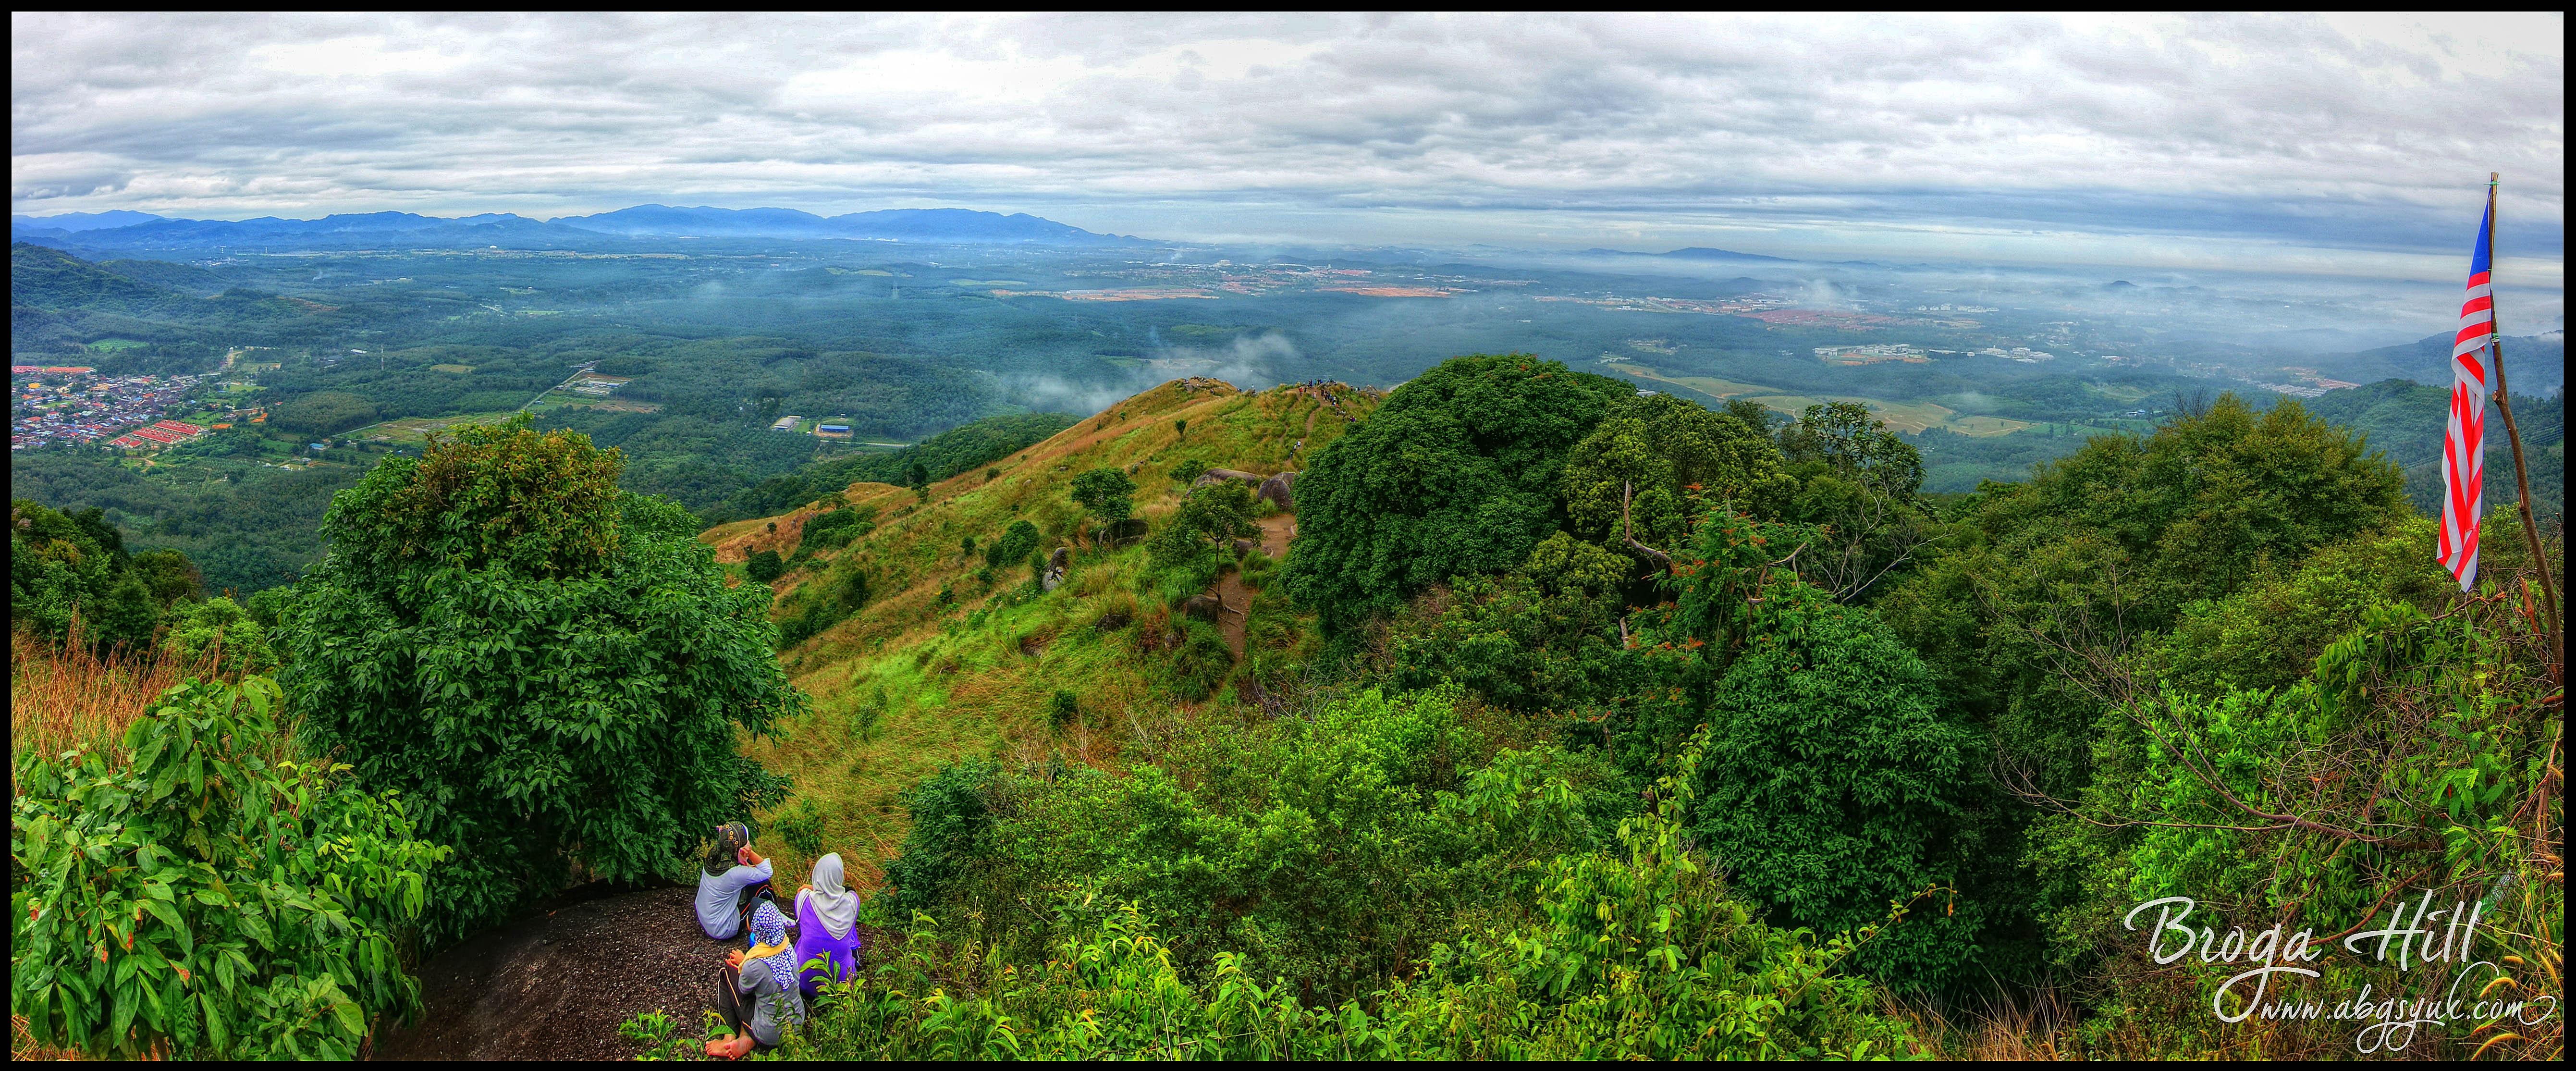 Broga Hills